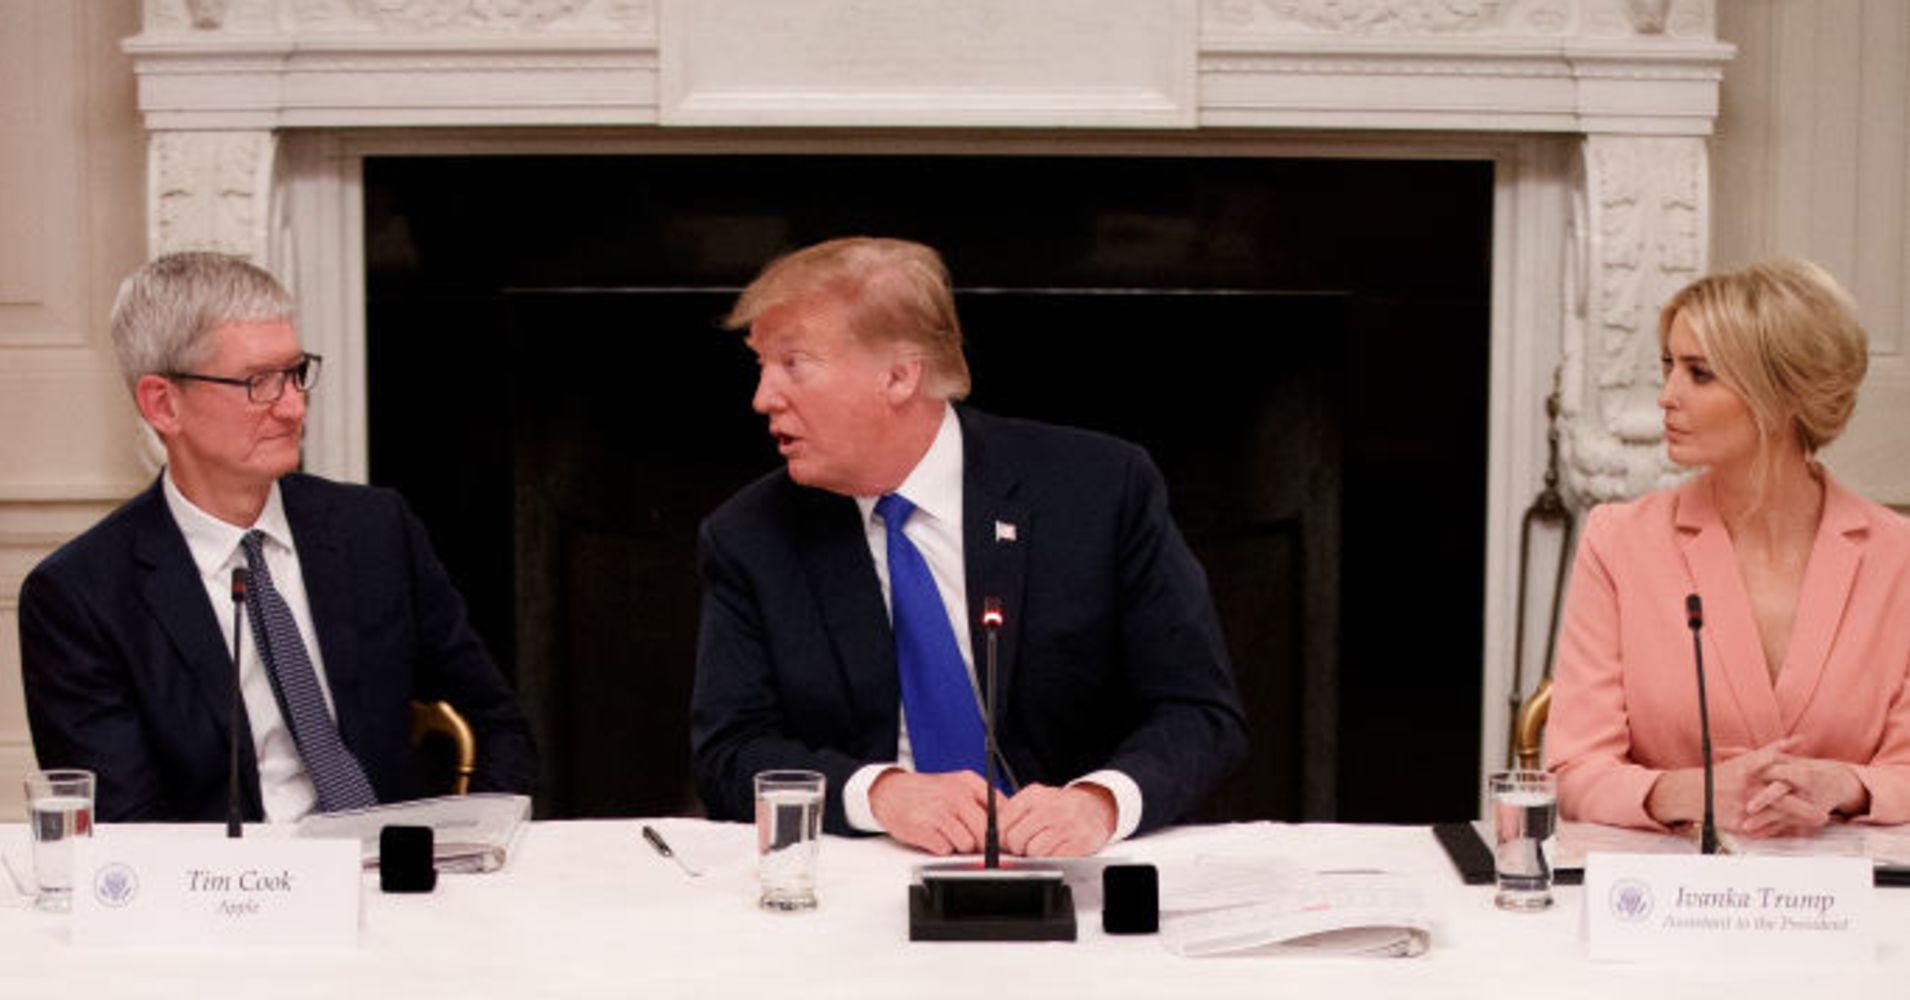 特朗普叫库克苹果怎么回事 特朗普为什么叫库克苹果有深意么